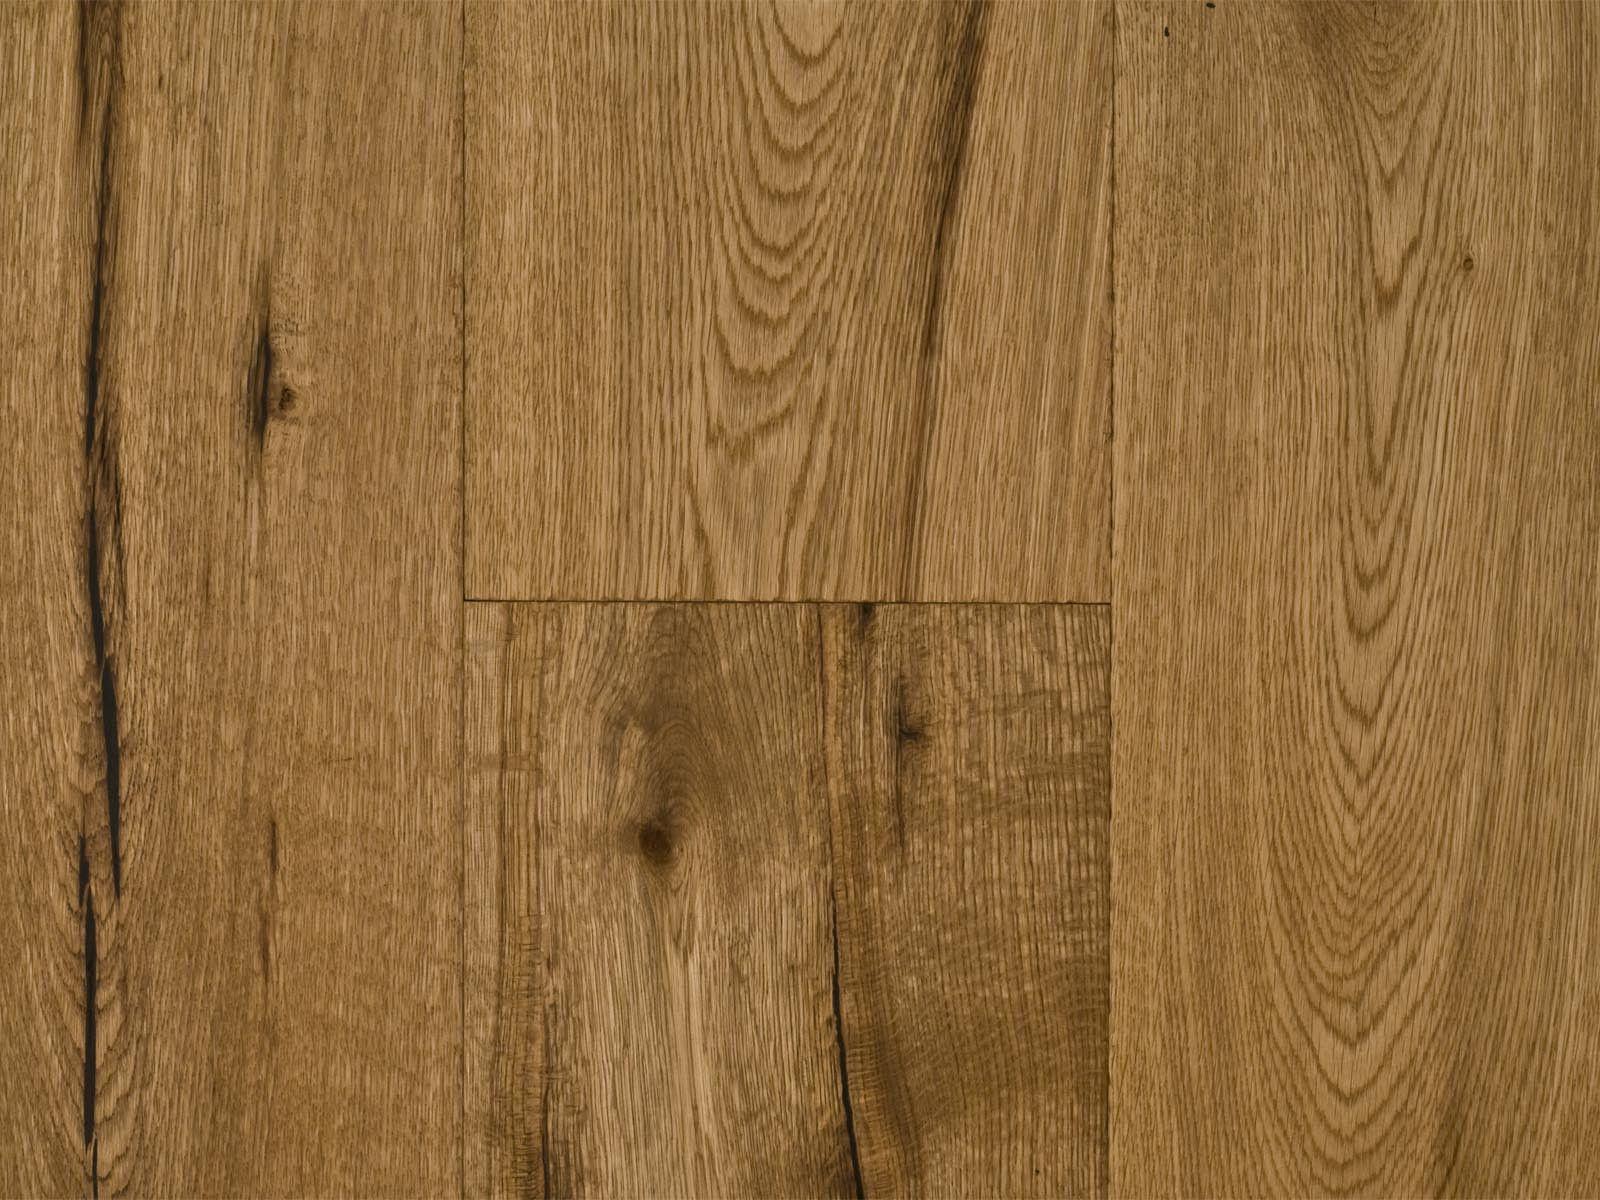 Bruce Engineered Hardwood Flooring Reviews. Feels free to